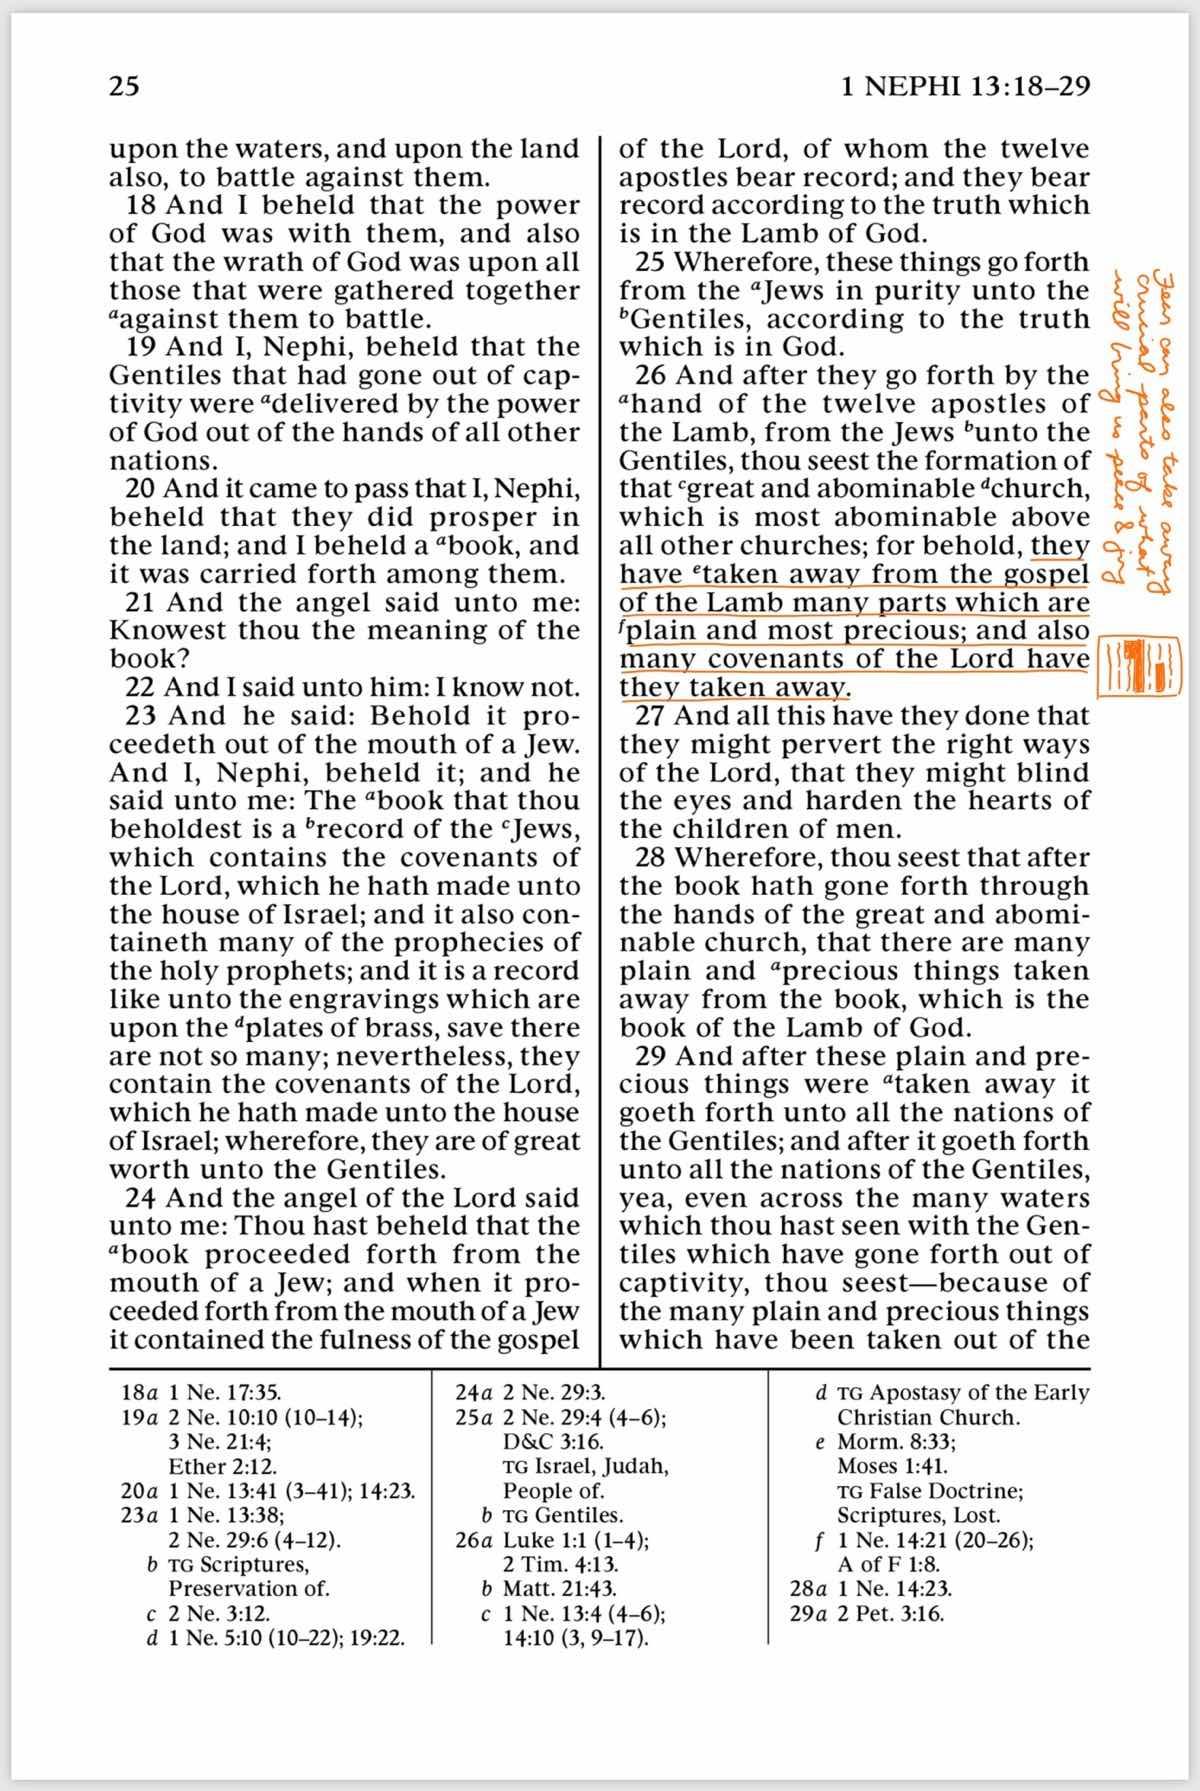 1 Nephi 13 Part 2